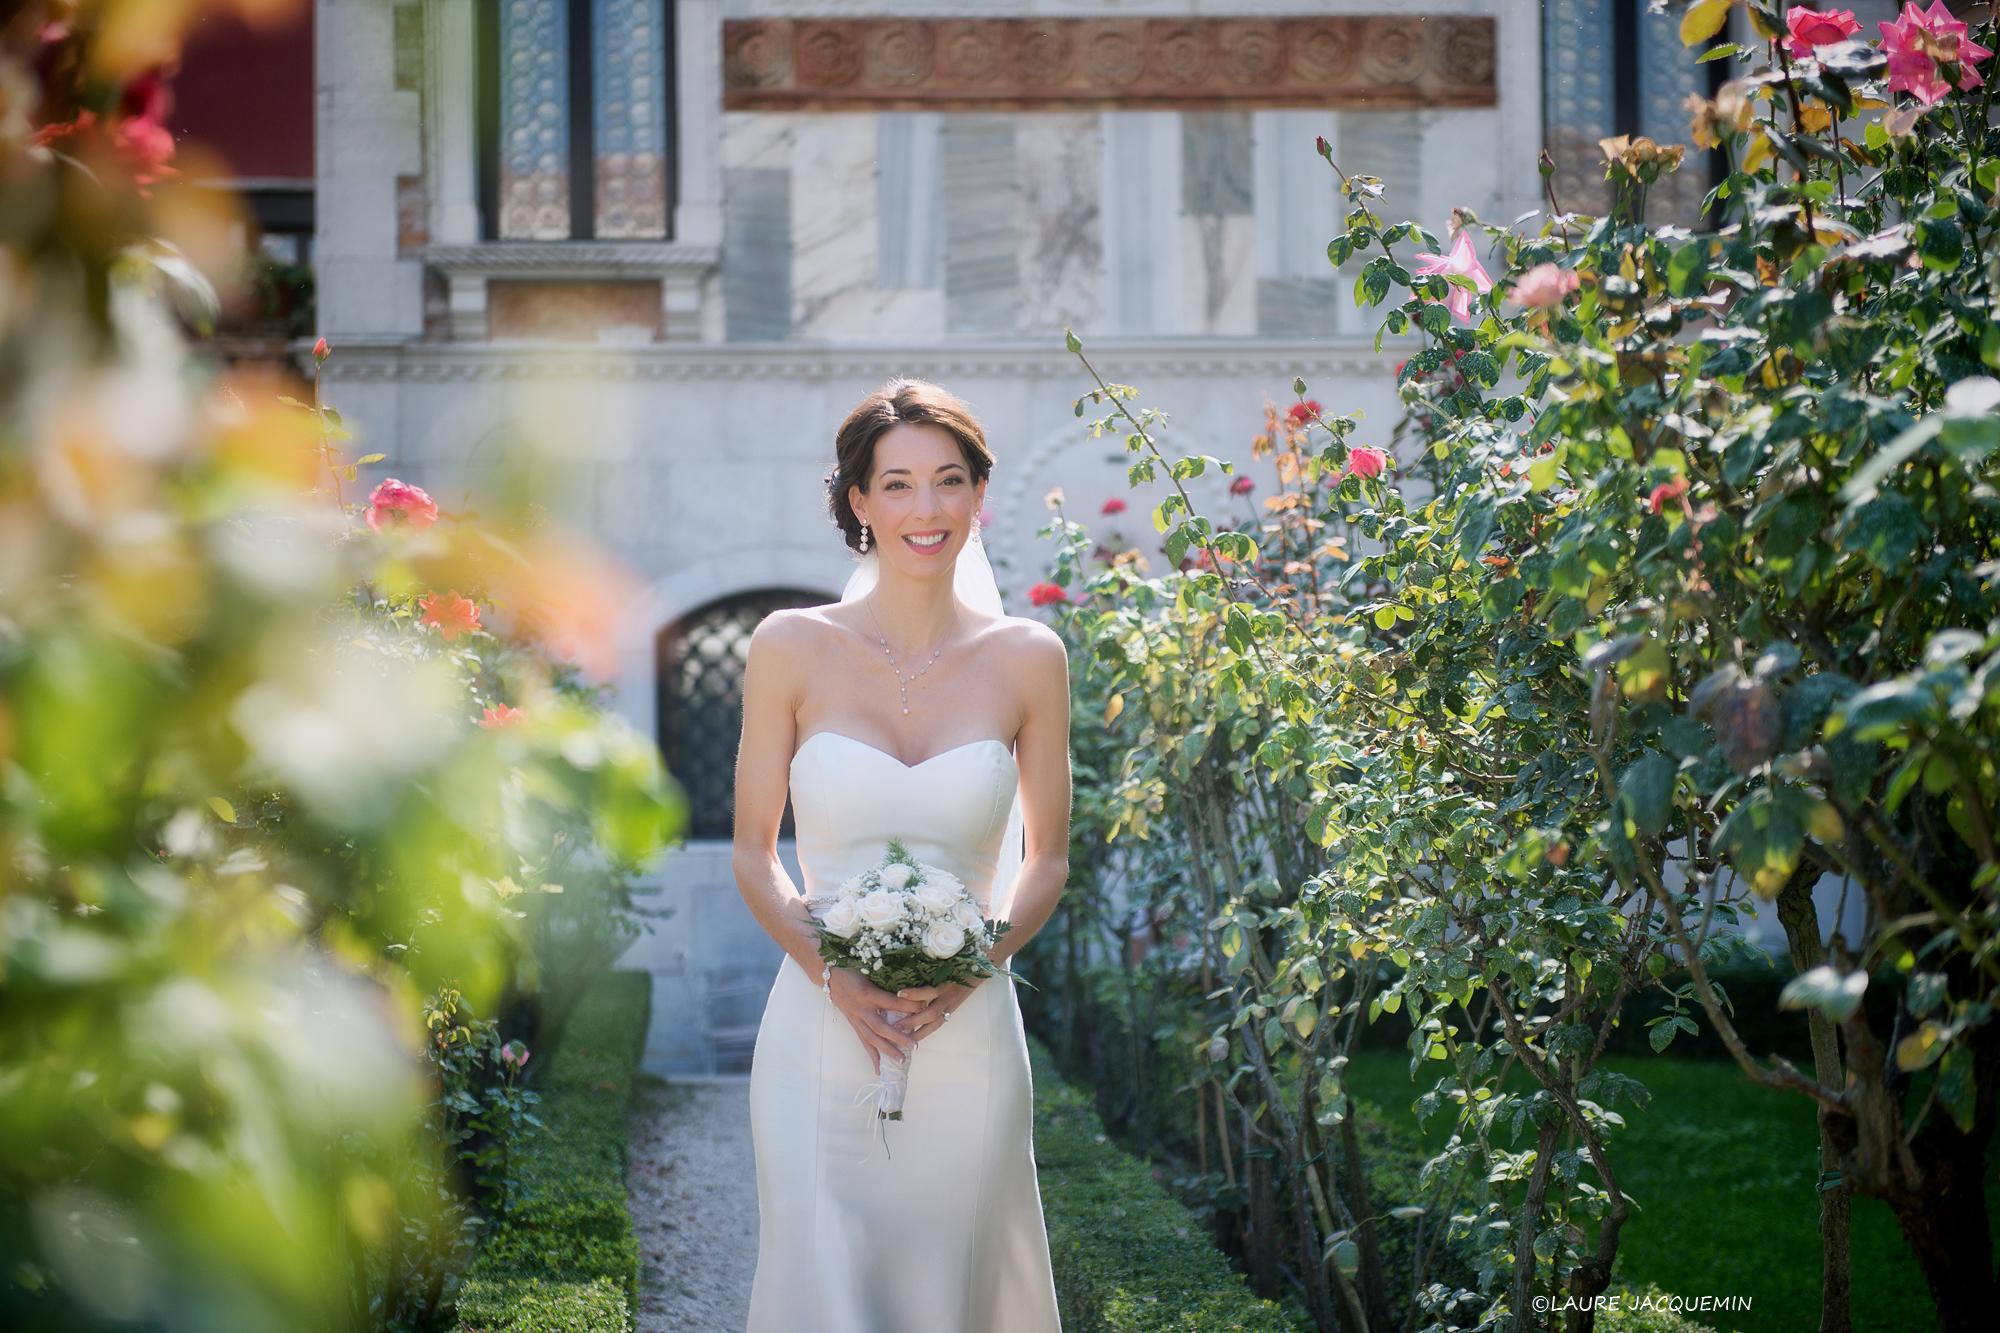 venise mariage photographe laure Jacquemin simbolique jardin venitien gondole (57)